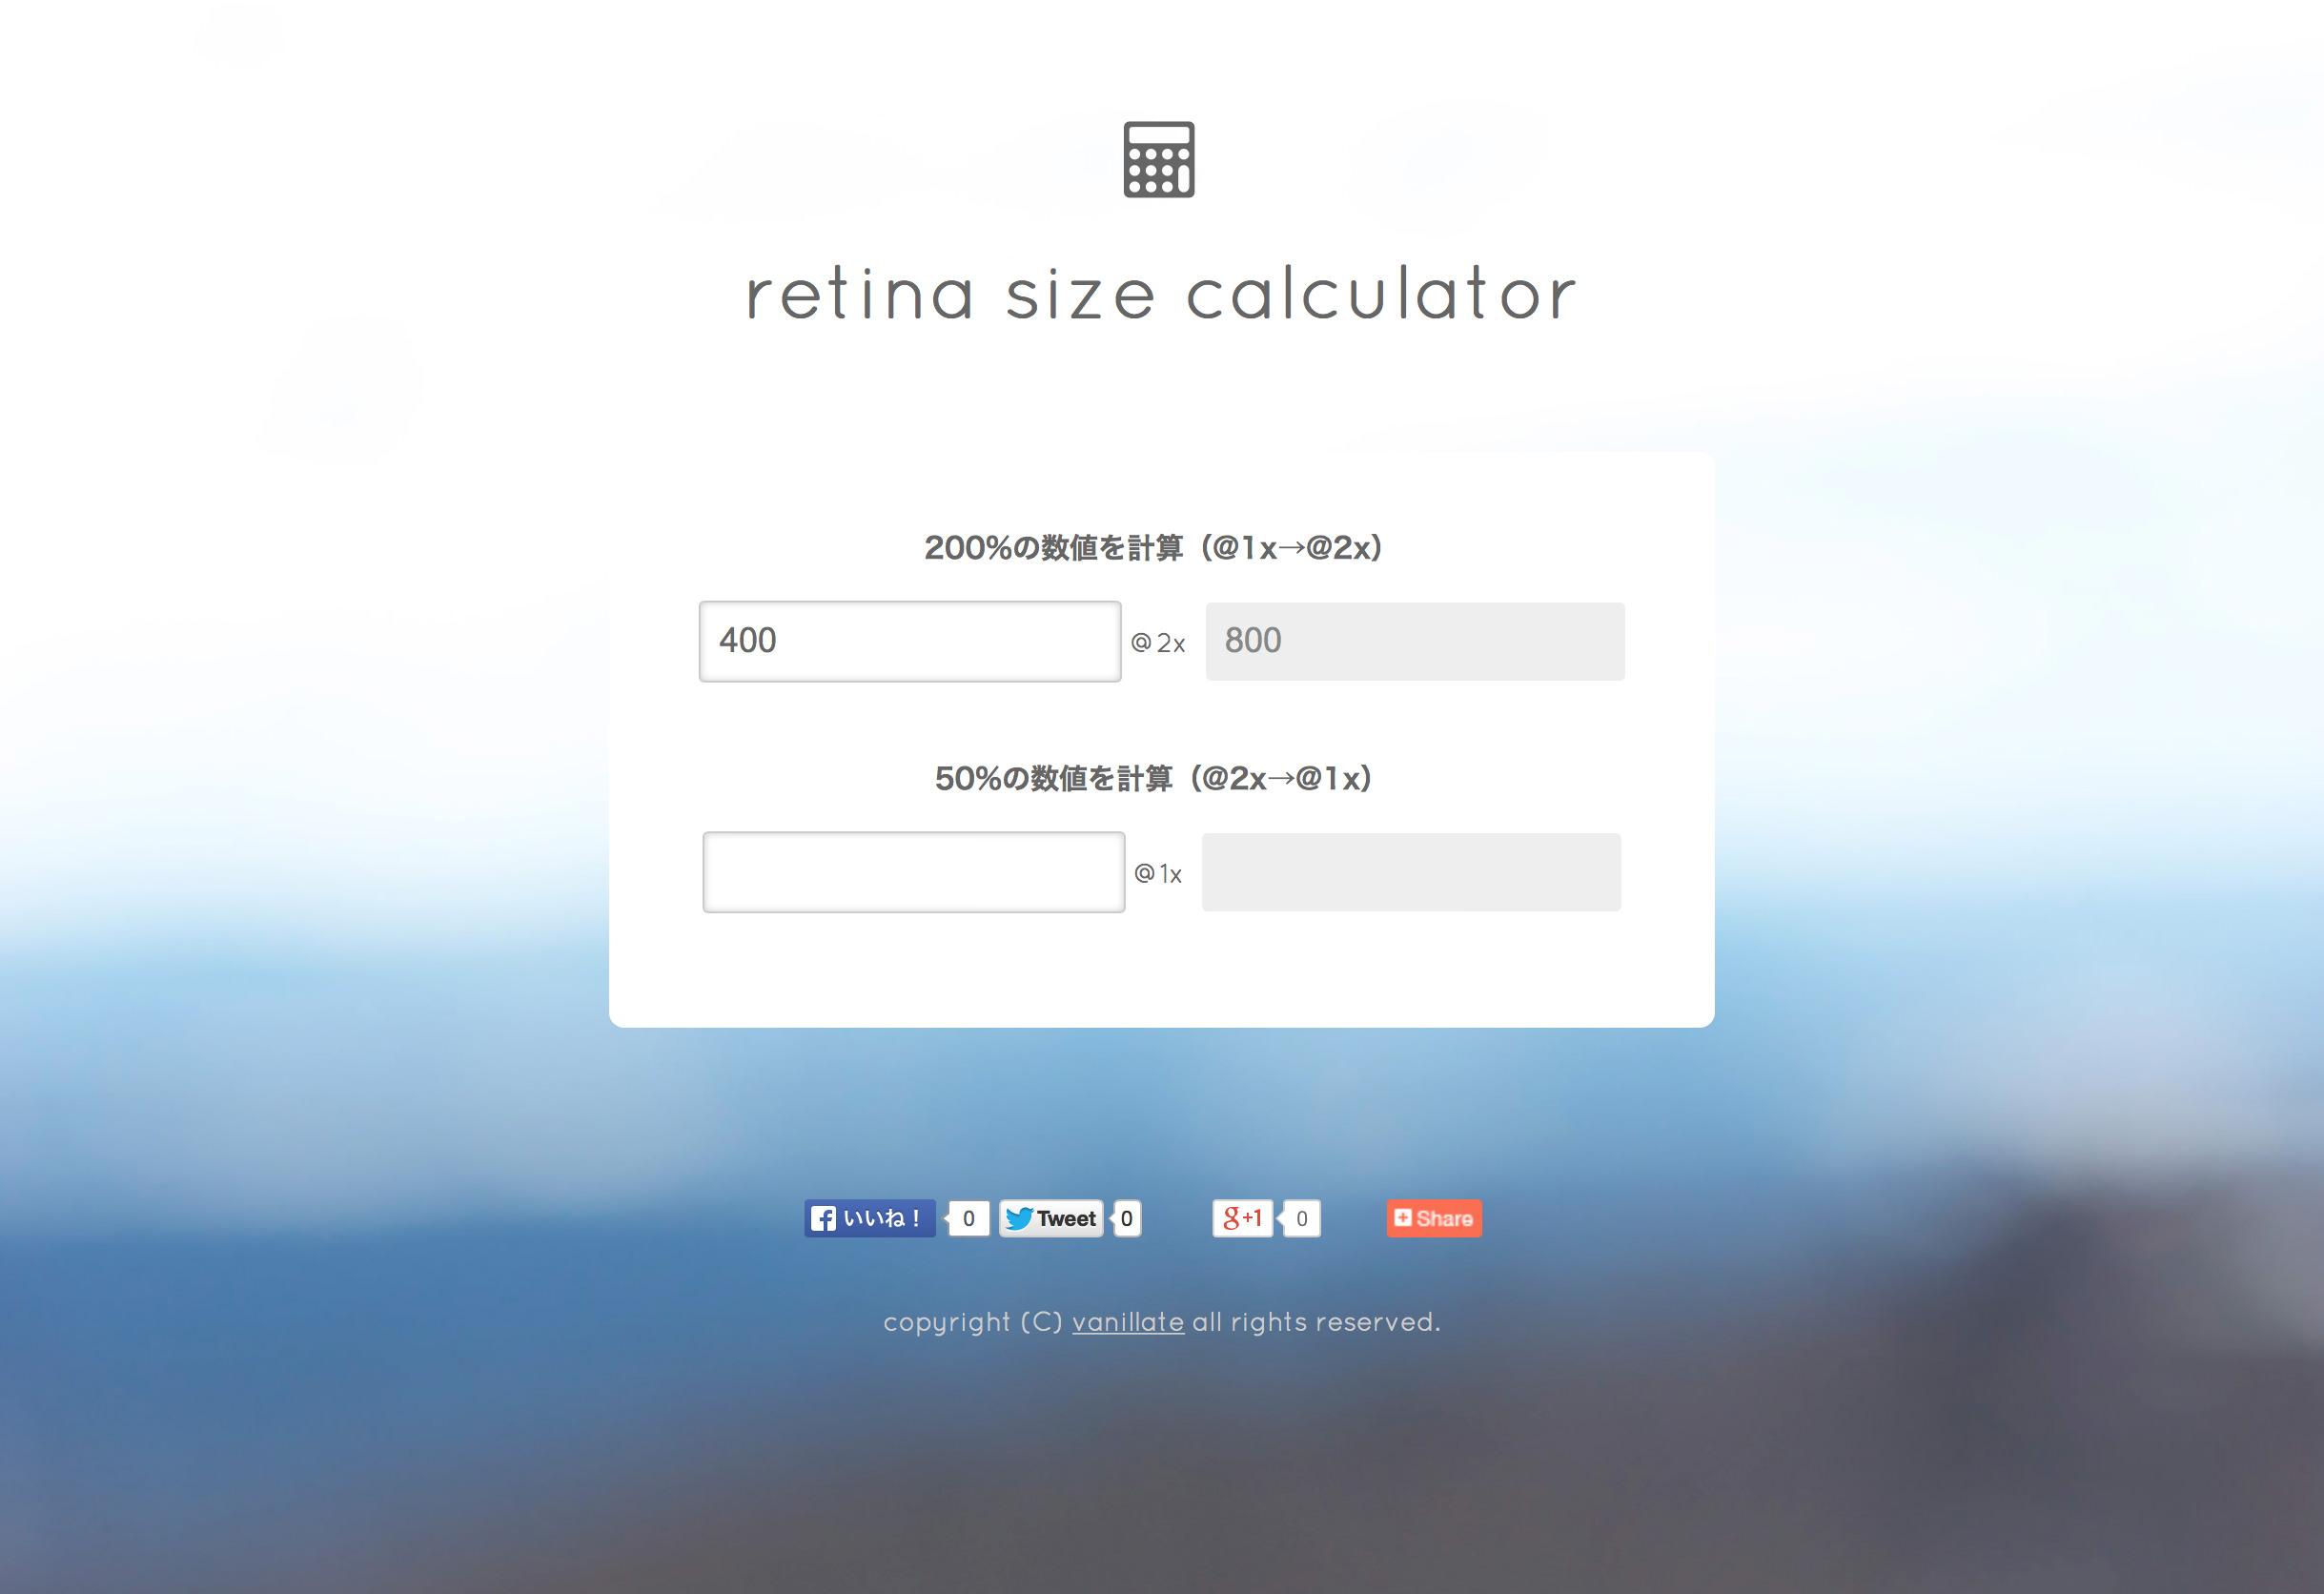 retinacalc.jpg